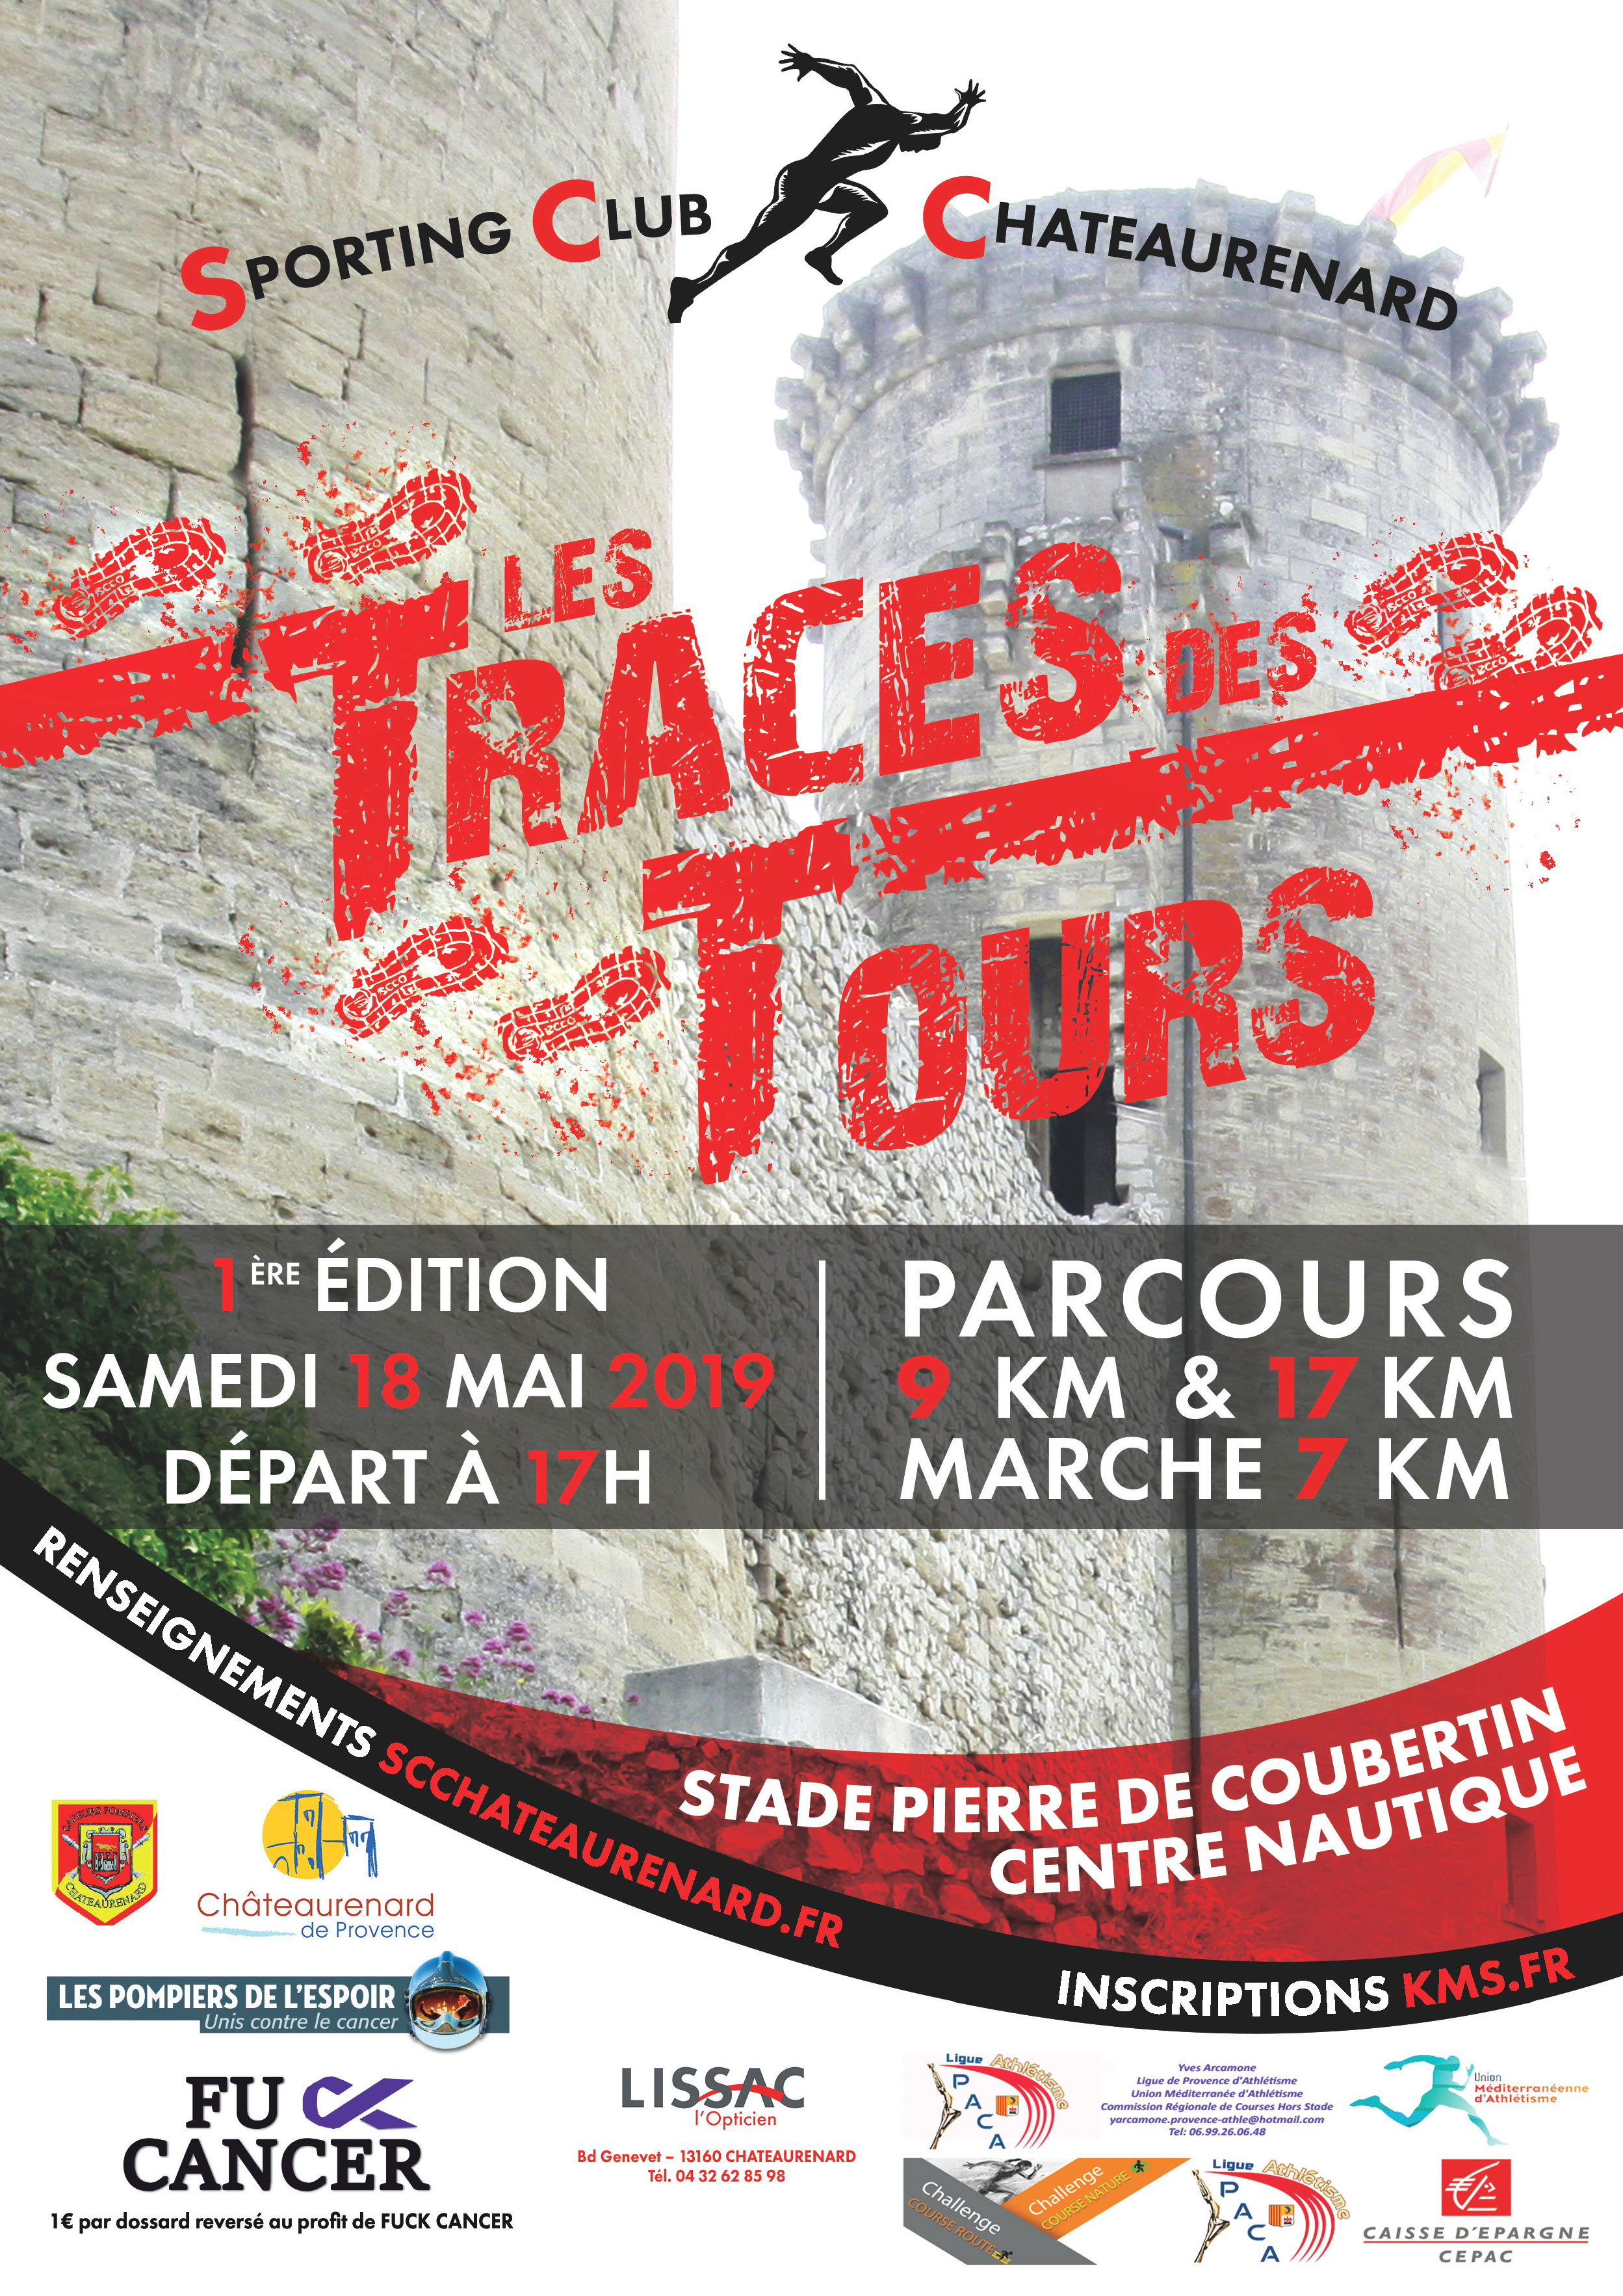 17KM - LES TRACES DES TOURS